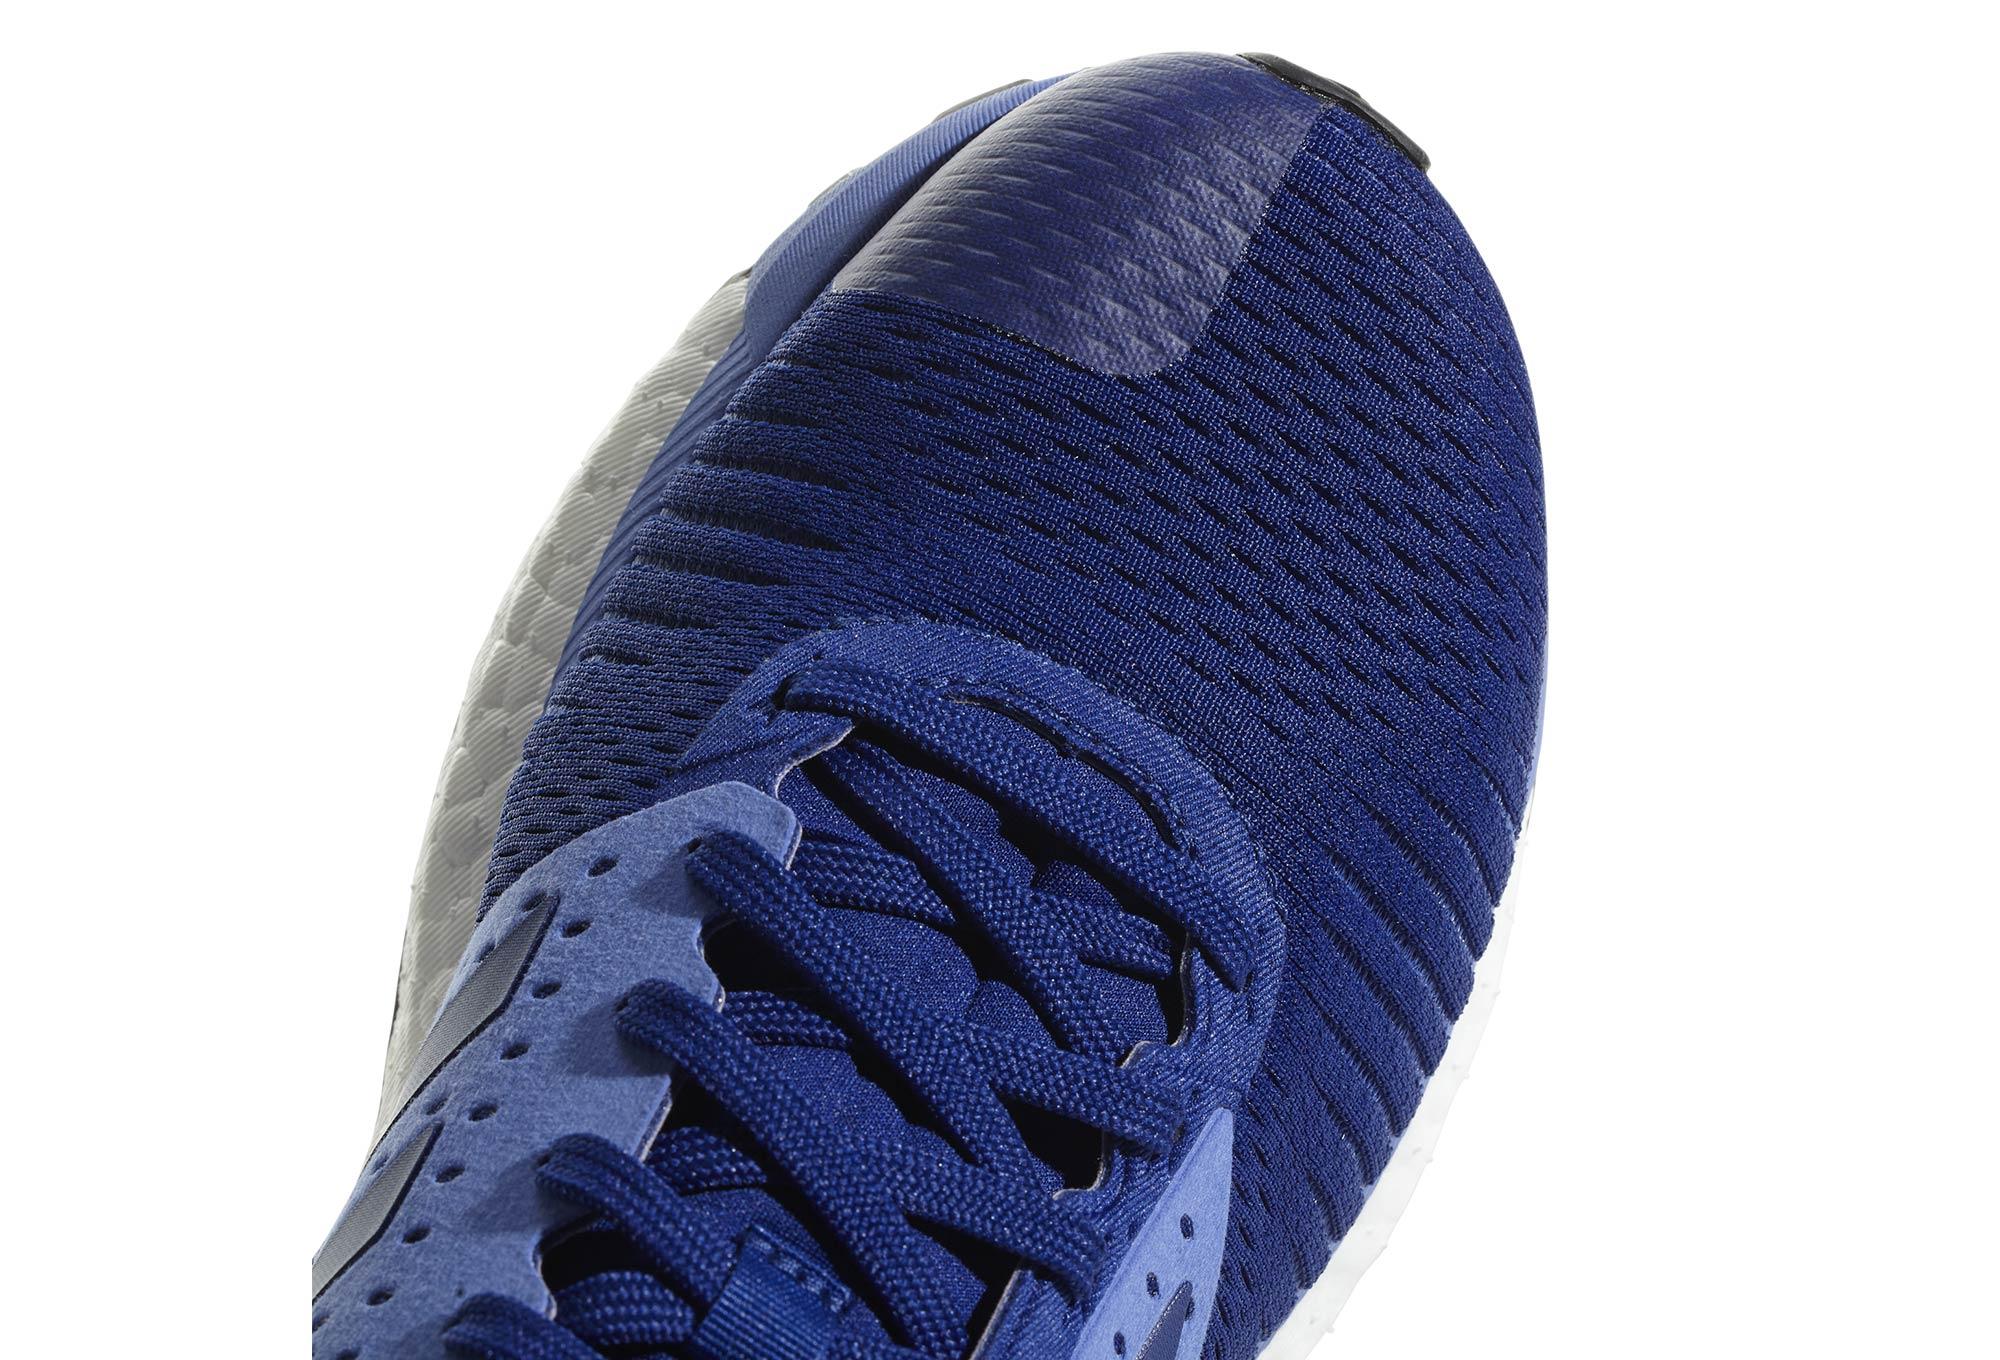 Zapatillas running adidas running Solar Glide ST Mujer Azul Rosa